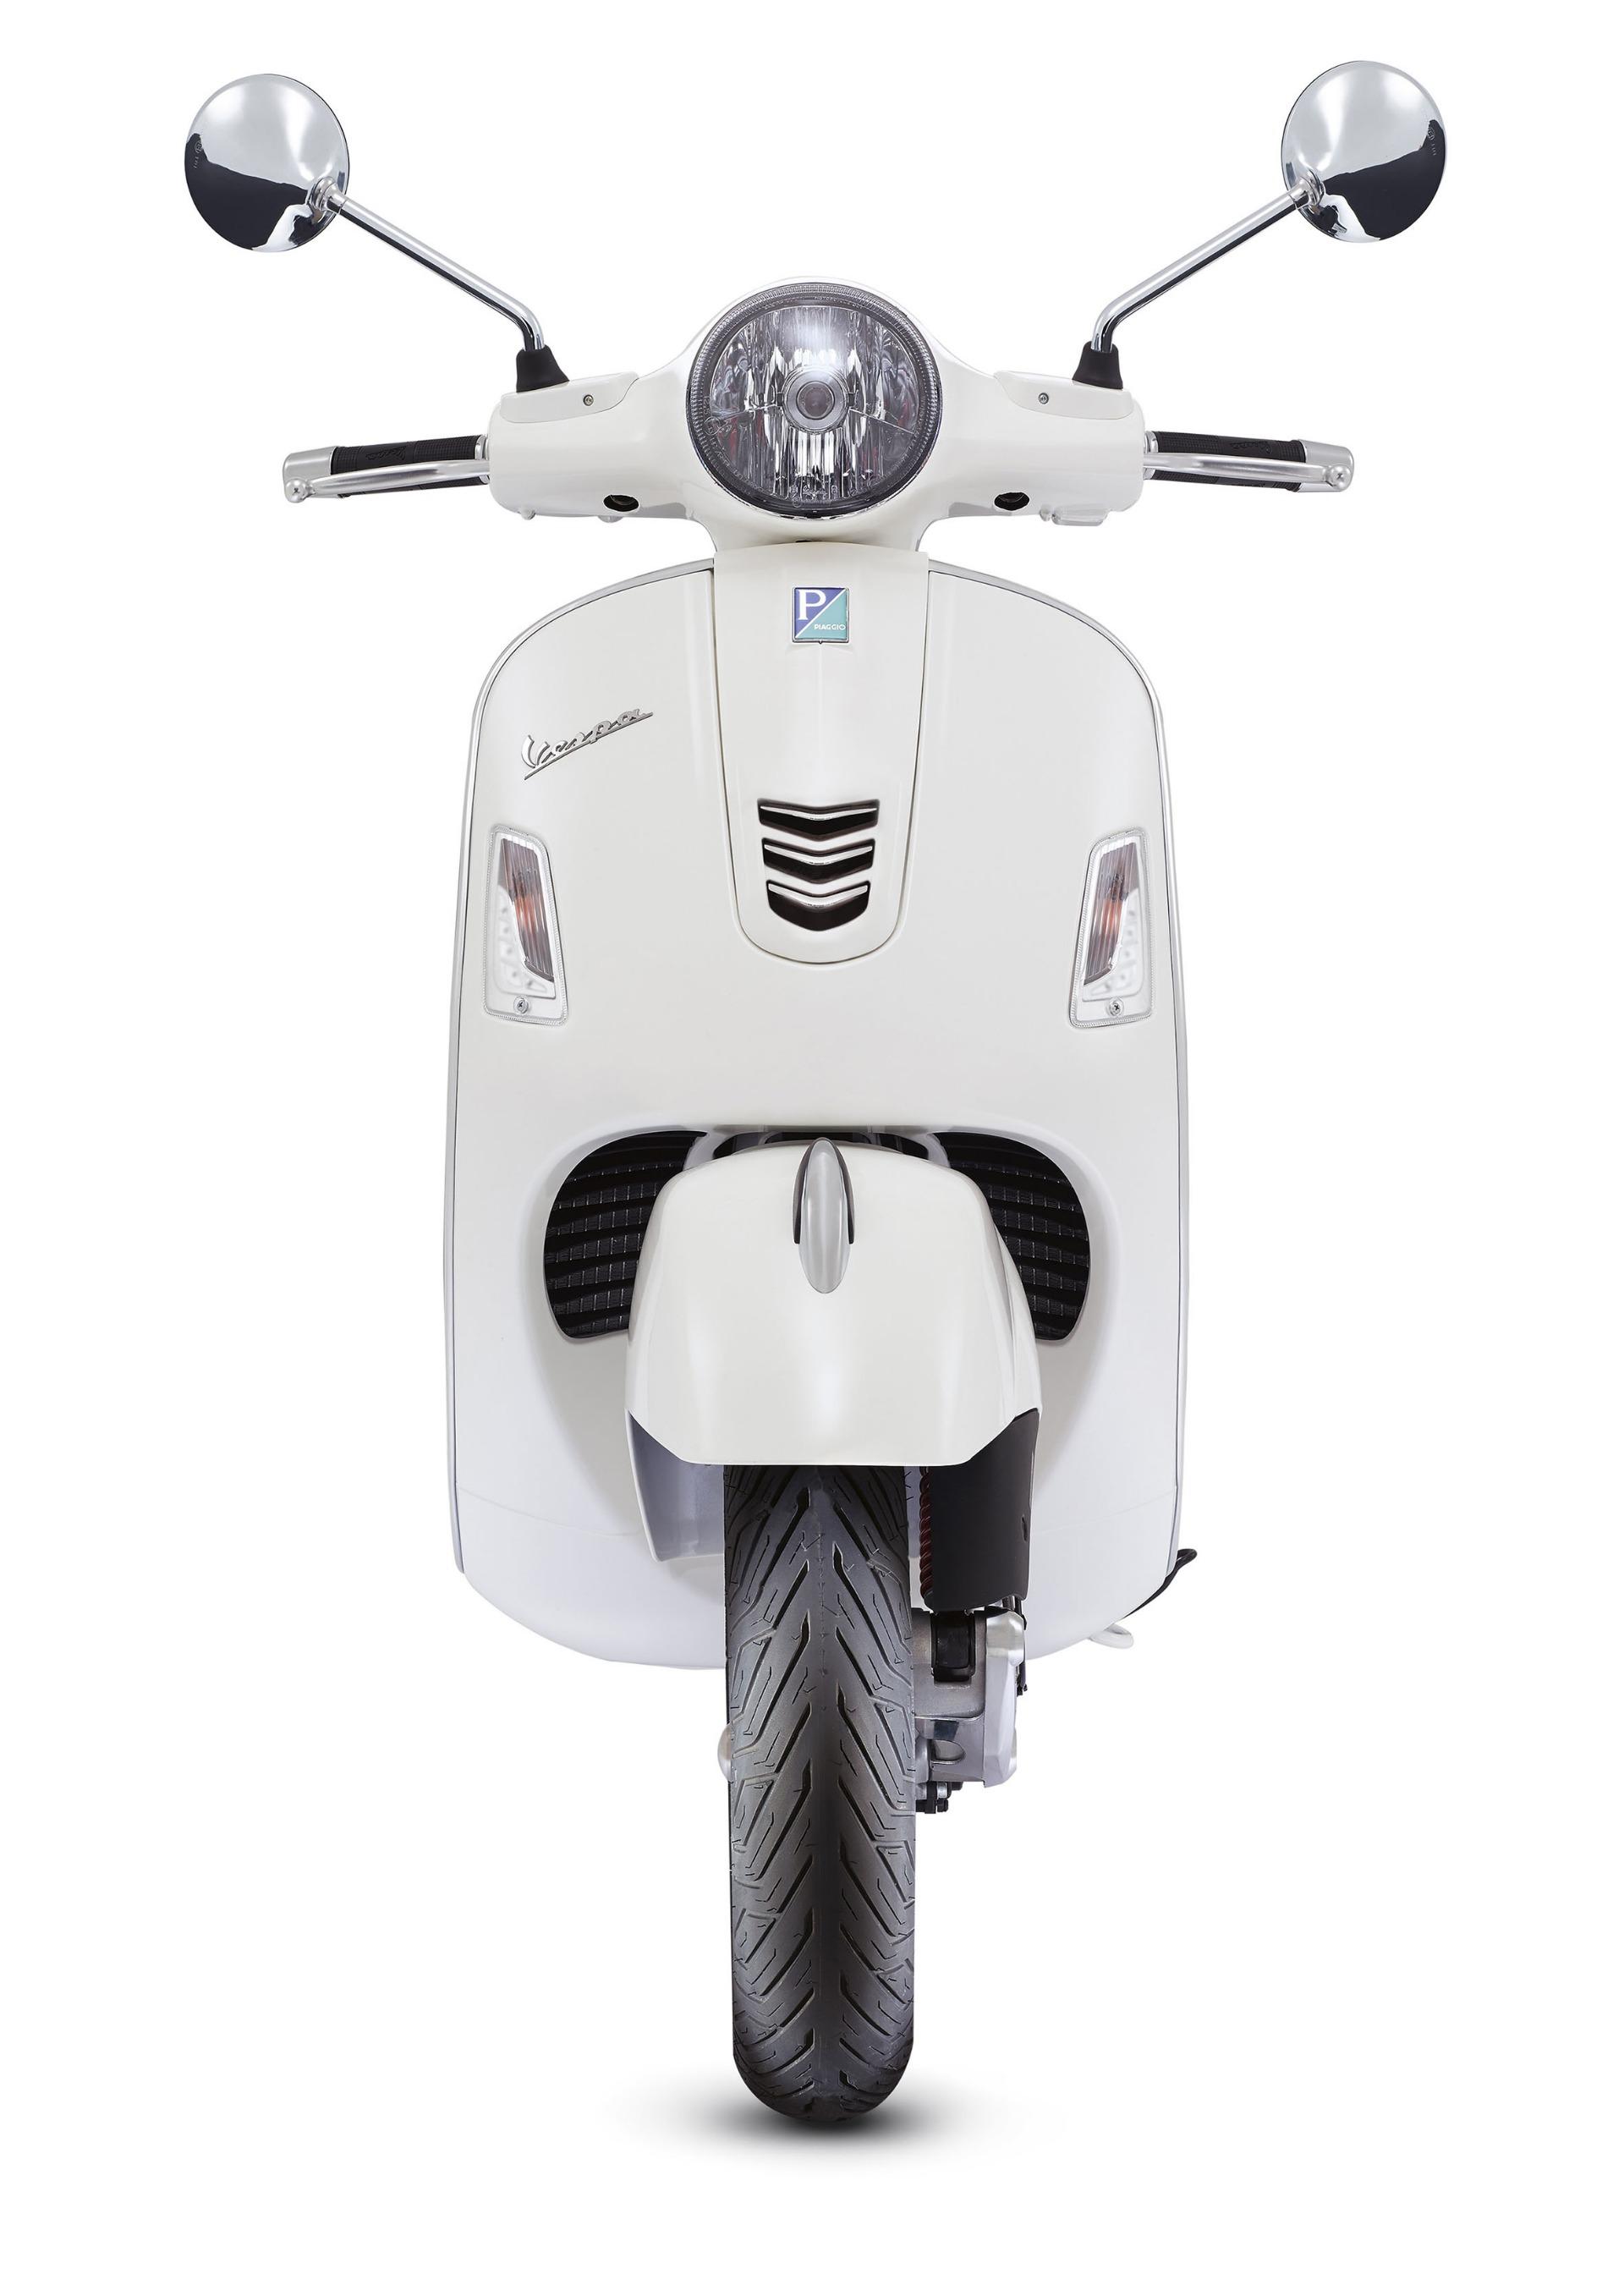 New-2019-Vespa-GTS-Super-300